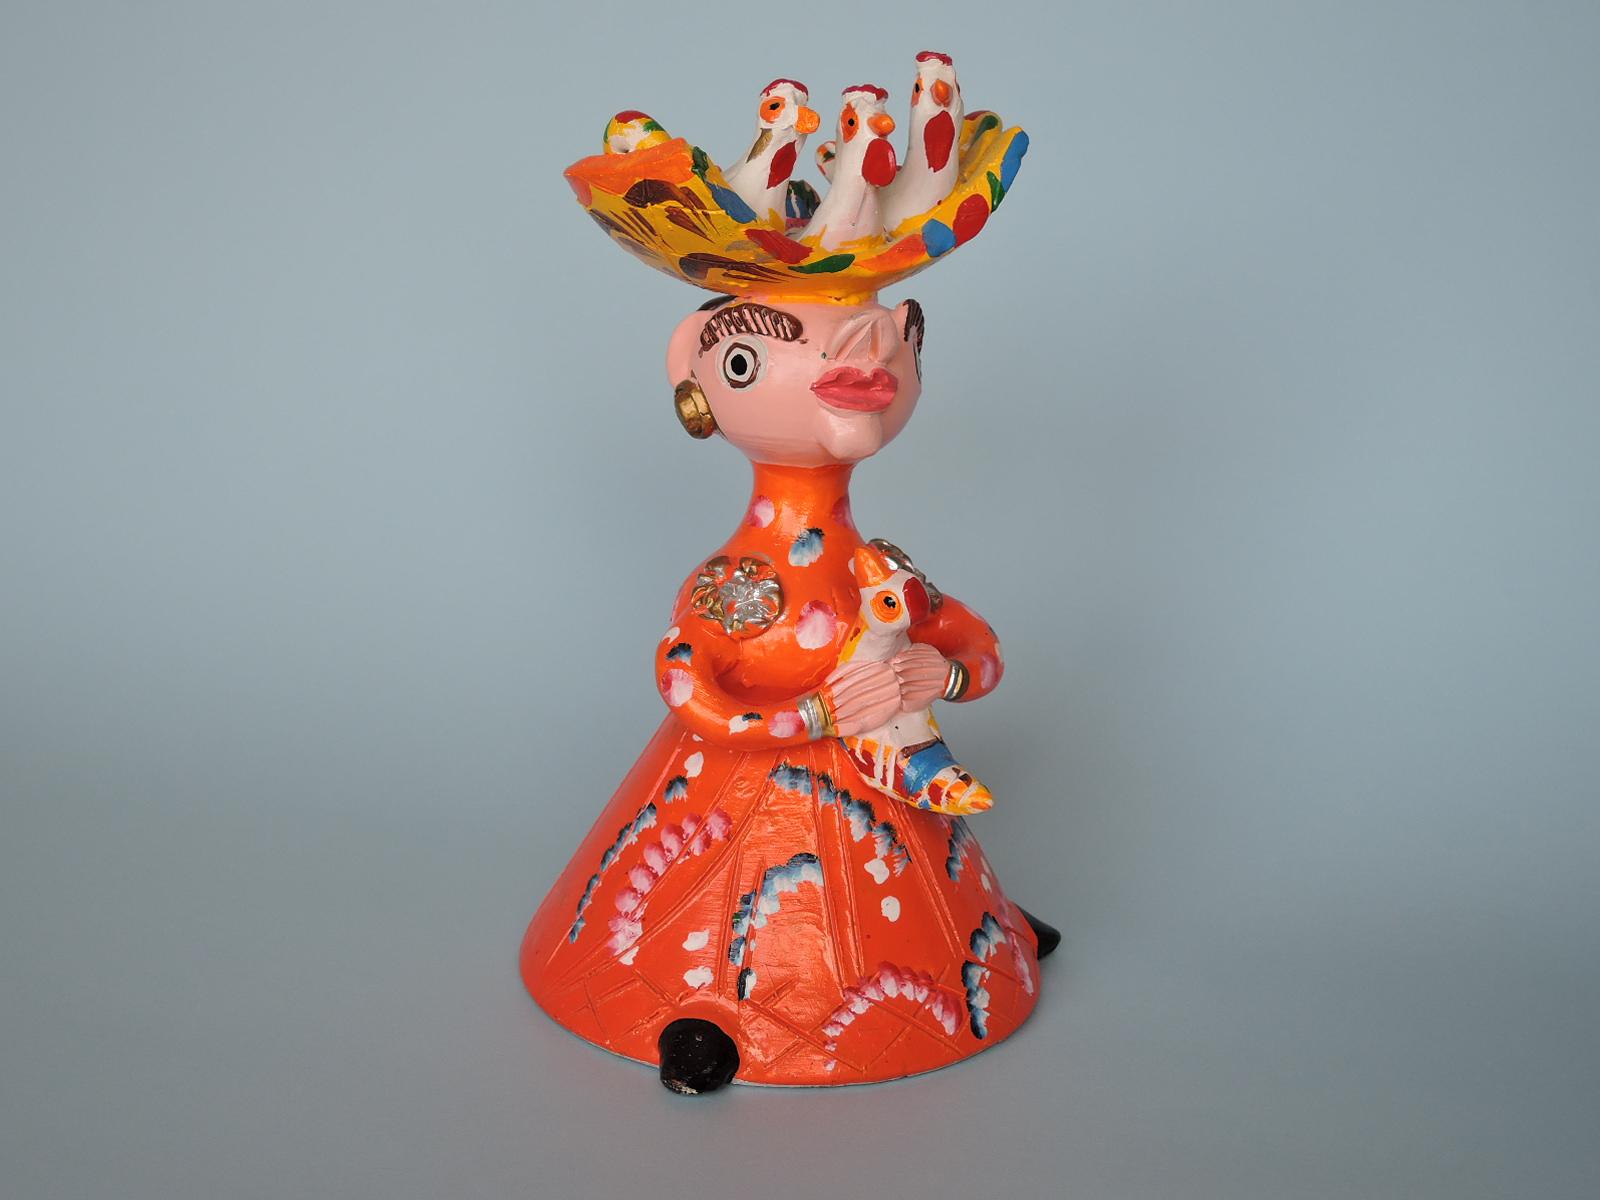 ジュリアコタさんの作品 幸運の雄鶏を運ぶミーニョの女性